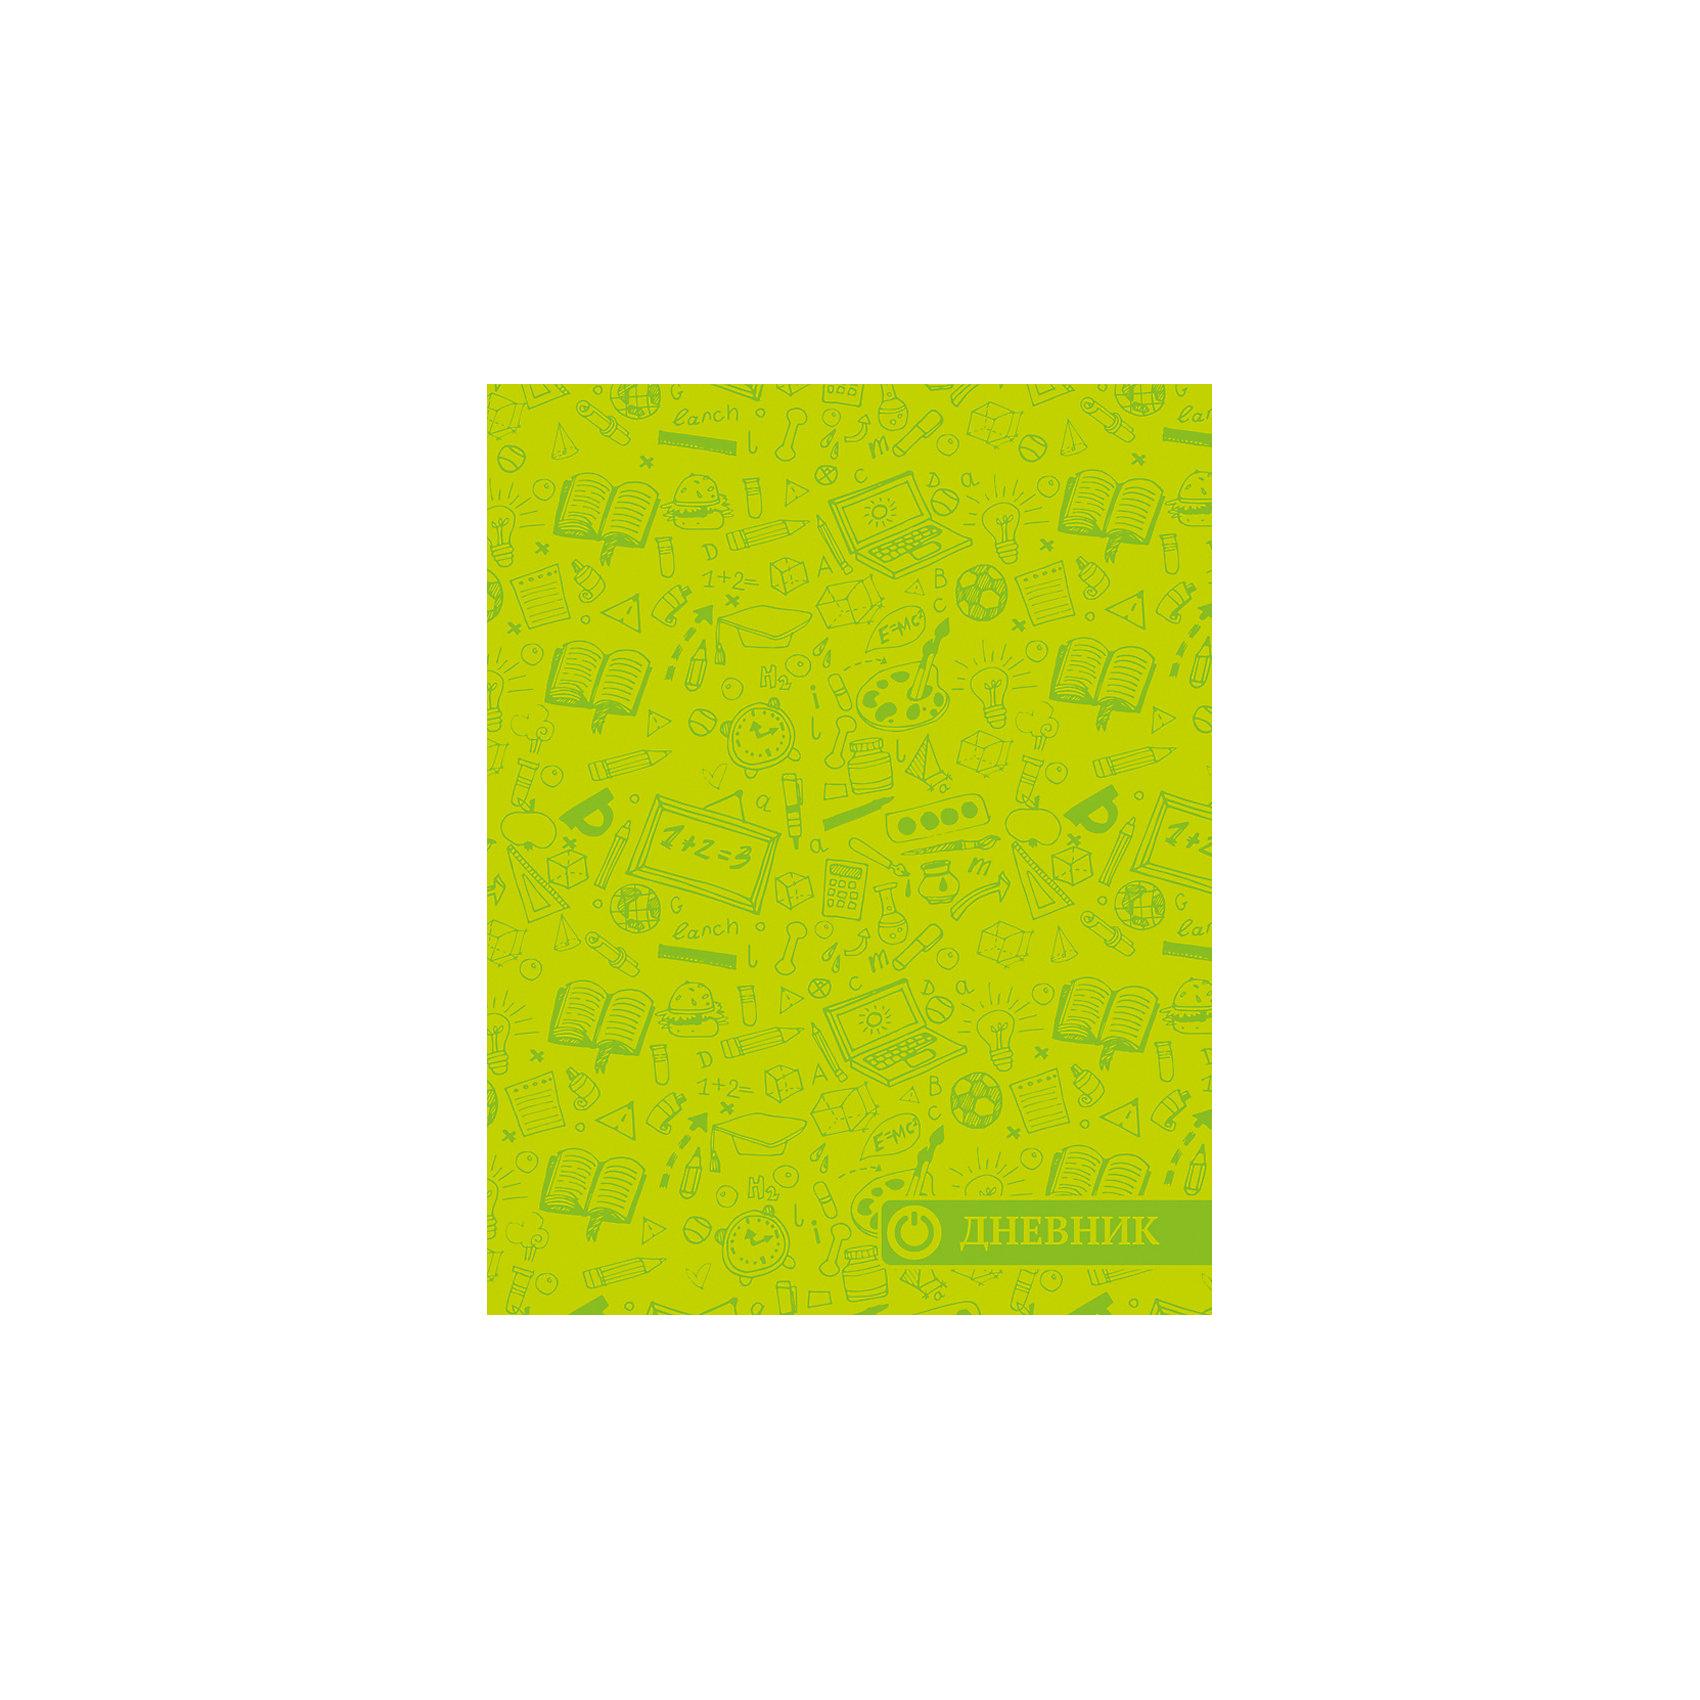 Дневник. Универсальный блок, тиснение - Паттерн.Бумажная продукция<br>Характеристики товара:<br><br>• возраст: от 6 лет;<br>• цвет: зеленый;<br>• формат: А5;<br>• количество листов: 48;<br>• разметка: в линейку;<br>• бумага: офсетная;<br>• переплет: интегральный;<br>• обложка: исскуственная кожа, картон;<br>• размер: 21,5х17х0,5 см.;<br>• вес: 210 гр.;<br>• страна бренда: Россия;<br>• страна изготовитель: Россия.<br><br>Дневник, универсальный блок, «Паттерн» - школьный дневник 1-11 классы, имеет сшитый внутренний блок, состоящий из 48 листов белой бумаги (плотность 70г/кв.м.) с линовкой синего цветаи тиснением из фольги. Снабжен резинкой, что поможет быстро открыть нужную страницу. Прочная и приятная на ощупь обложка выполнена из высококачественной искусственной кожи с рисунком.<br><br>Первая страница дневника представляет собой анкету для личных данных владельца, также на ней указаны телефоны экстренной помощи. На следующих страницах находятся  список преподавателей, список преподавателей,  расписание кружков, секций и факультативов, заметки классного руководителя и учителей. На последних страницах дневника имеются сведения о заданиях на каникулы, список литературы для чтения, сведения об успеваемости и поведении ребенка за учебный год, список одноклассников и справочный материал по различным предметам.<br><br>Дневник, универсальный блок, «Паттерн», 48 листов, можно купить в нашем интернет-магазине.<br><br>Ширина мм: 215<br>Глубина мм: 170<br>Высота мм: 5<br>Вес г: 213<br>Возраст от месяцев: 36<br>Возраст до месяцев: 216<br>Пол: Унисекс<br>Возраст: Детский<br>SKU: 6992537